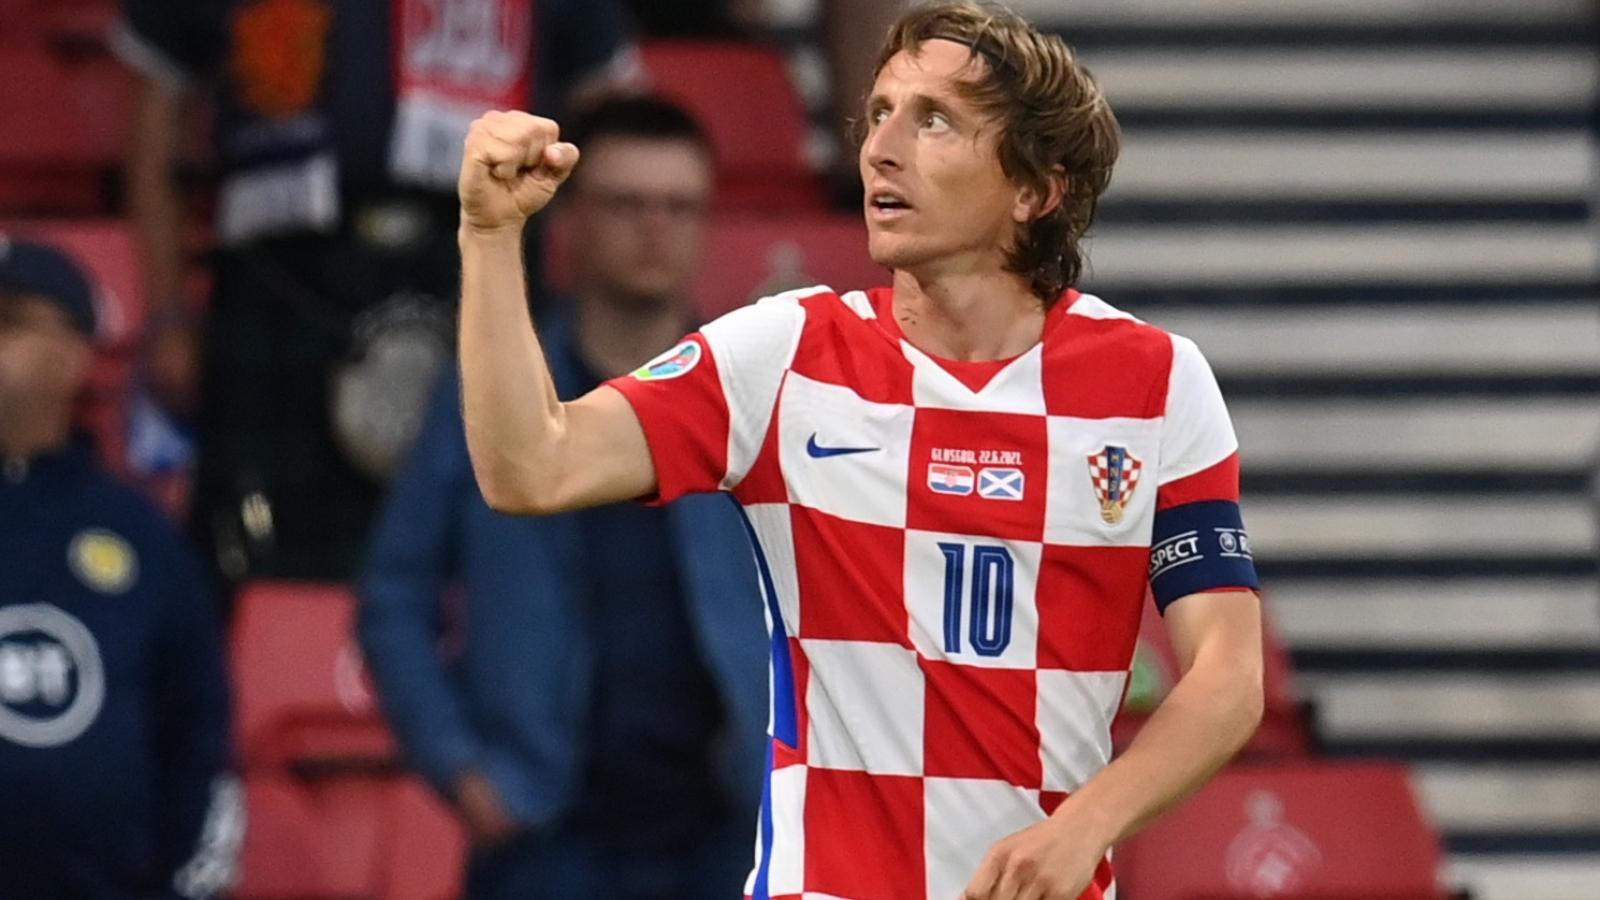 Modric thể hiện đẳng cấp, Croatia vào vòng 1/8 EURO 2021 với ngôi nhì bảng D